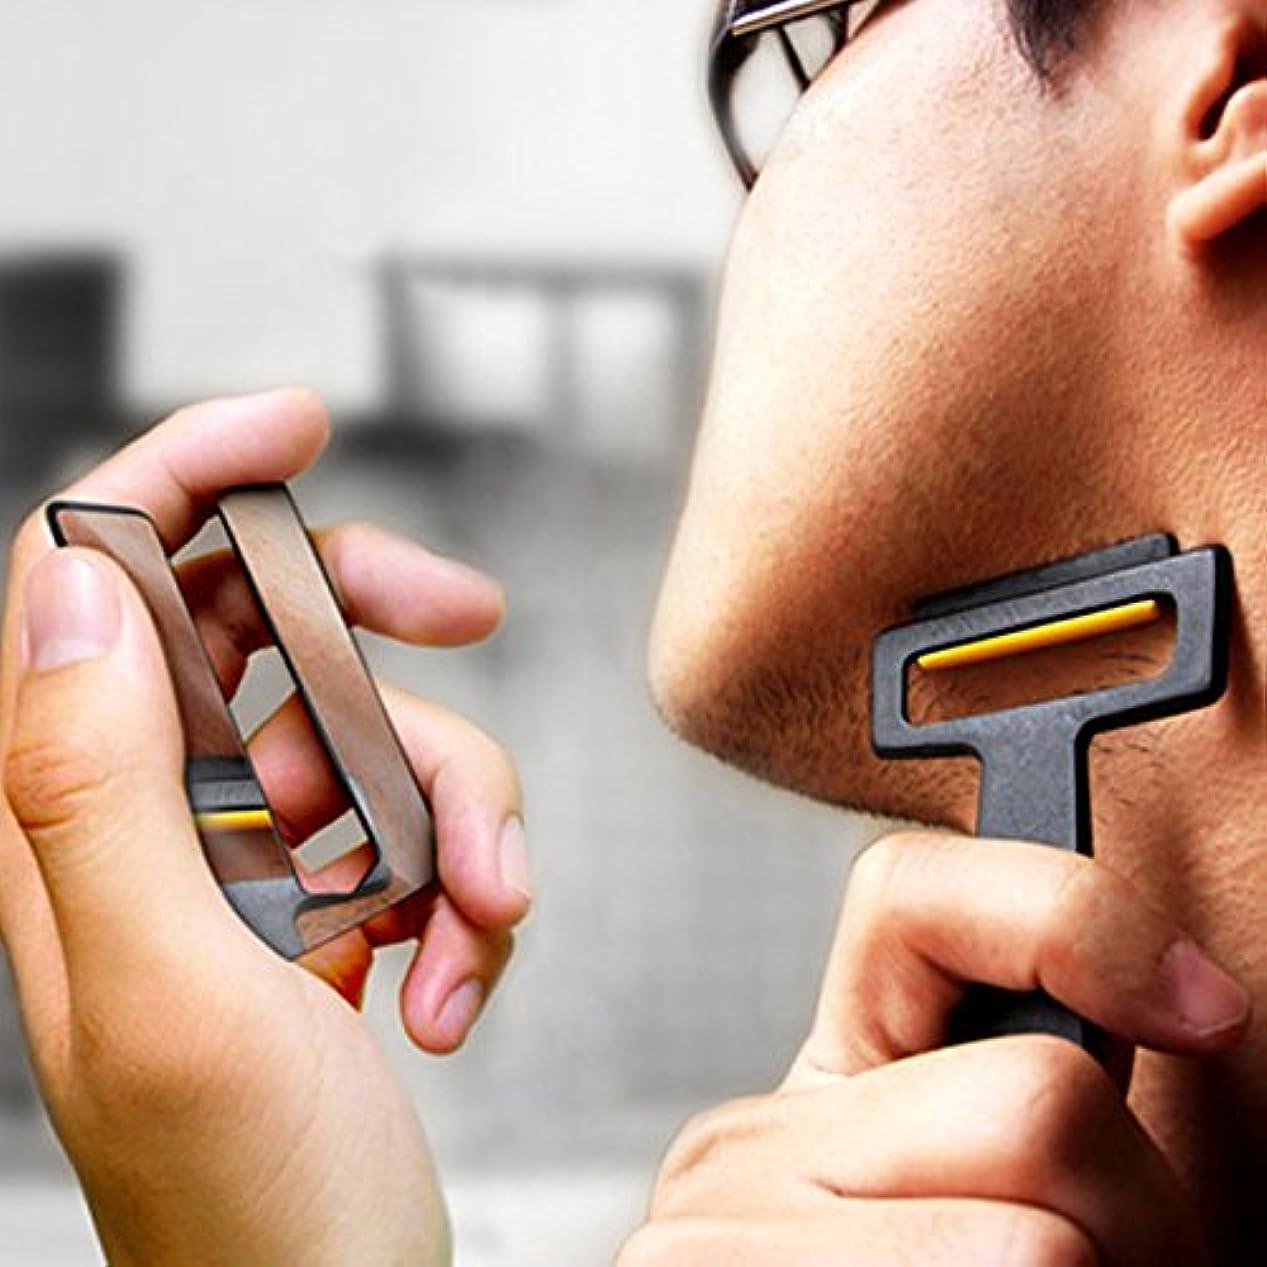 組み合わせる食い違い邪悪なPogass Carzor 3 In 1 Card設計された財布ミニかみそりビードポータブルひげ剃りミラースタンドキット